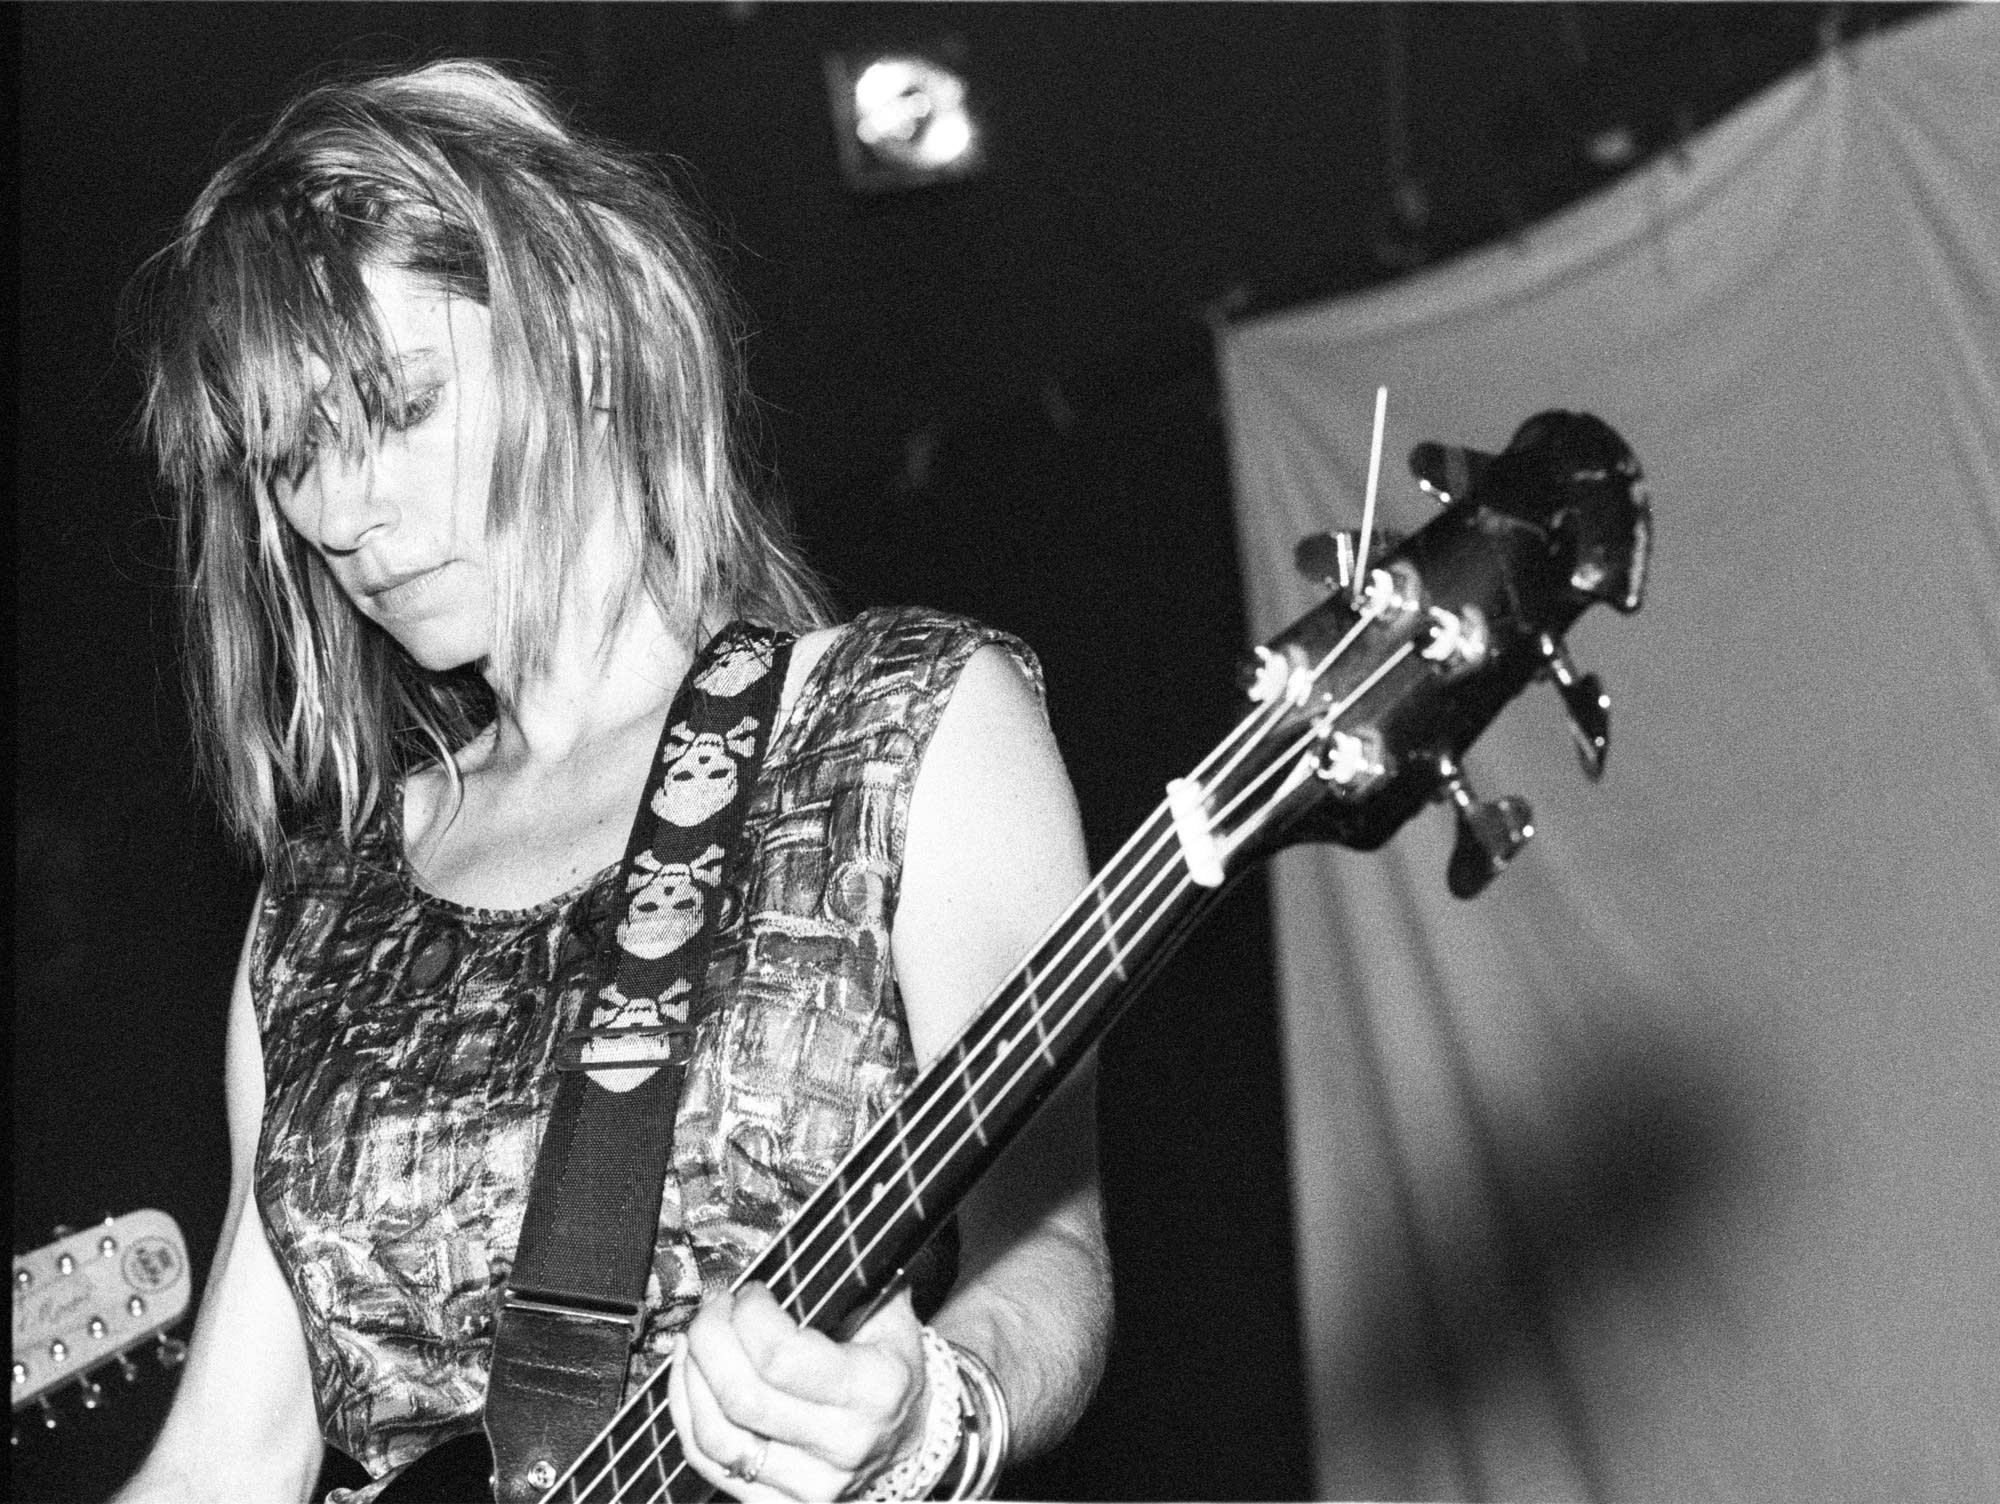 Kim Gordon of Sonic Youth, July 15, 1986